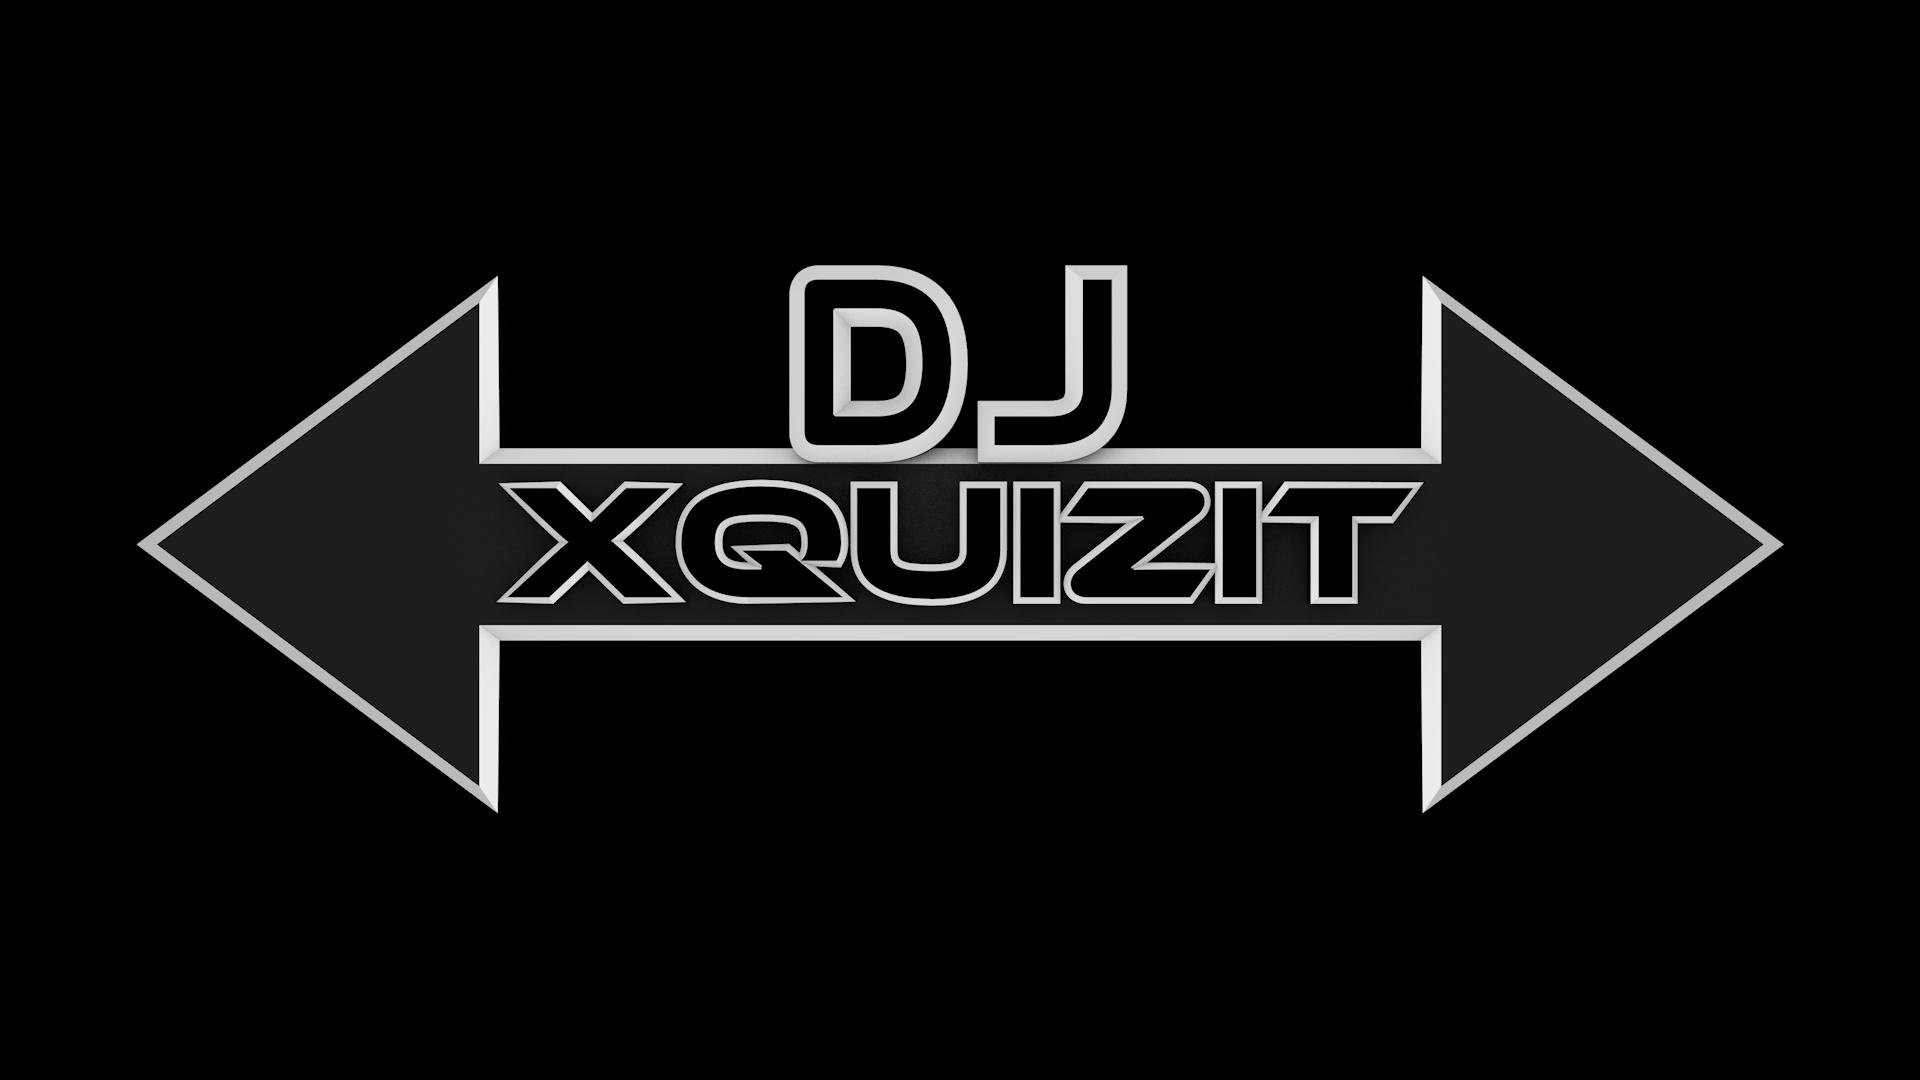 Fotografia Logo oficial de DJ Xquizit